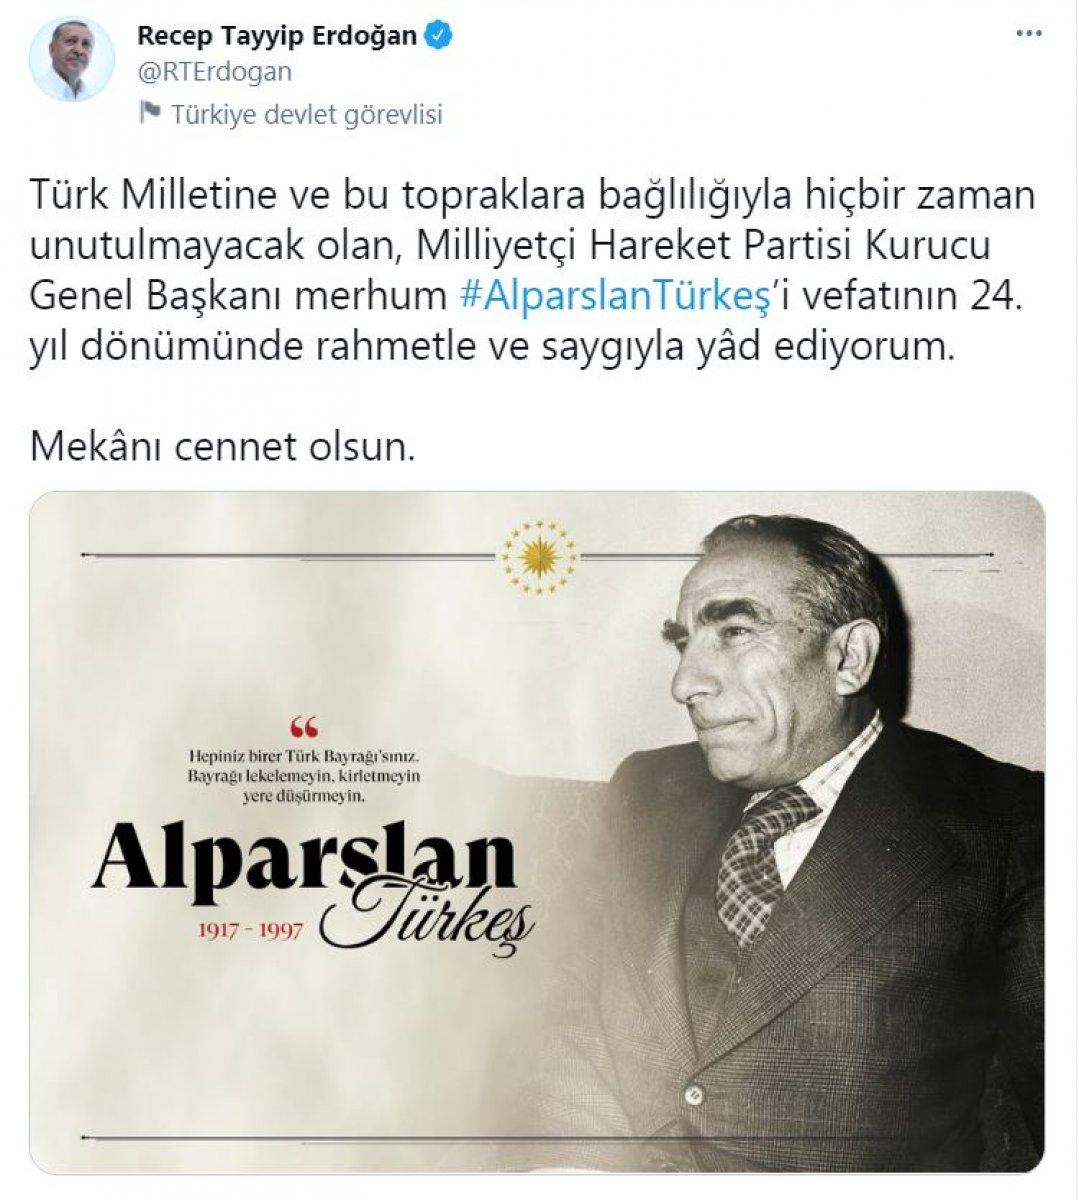 Cumhurbaşkanı Erdoğan dan Alparslan Türkeş paylaşımı #1